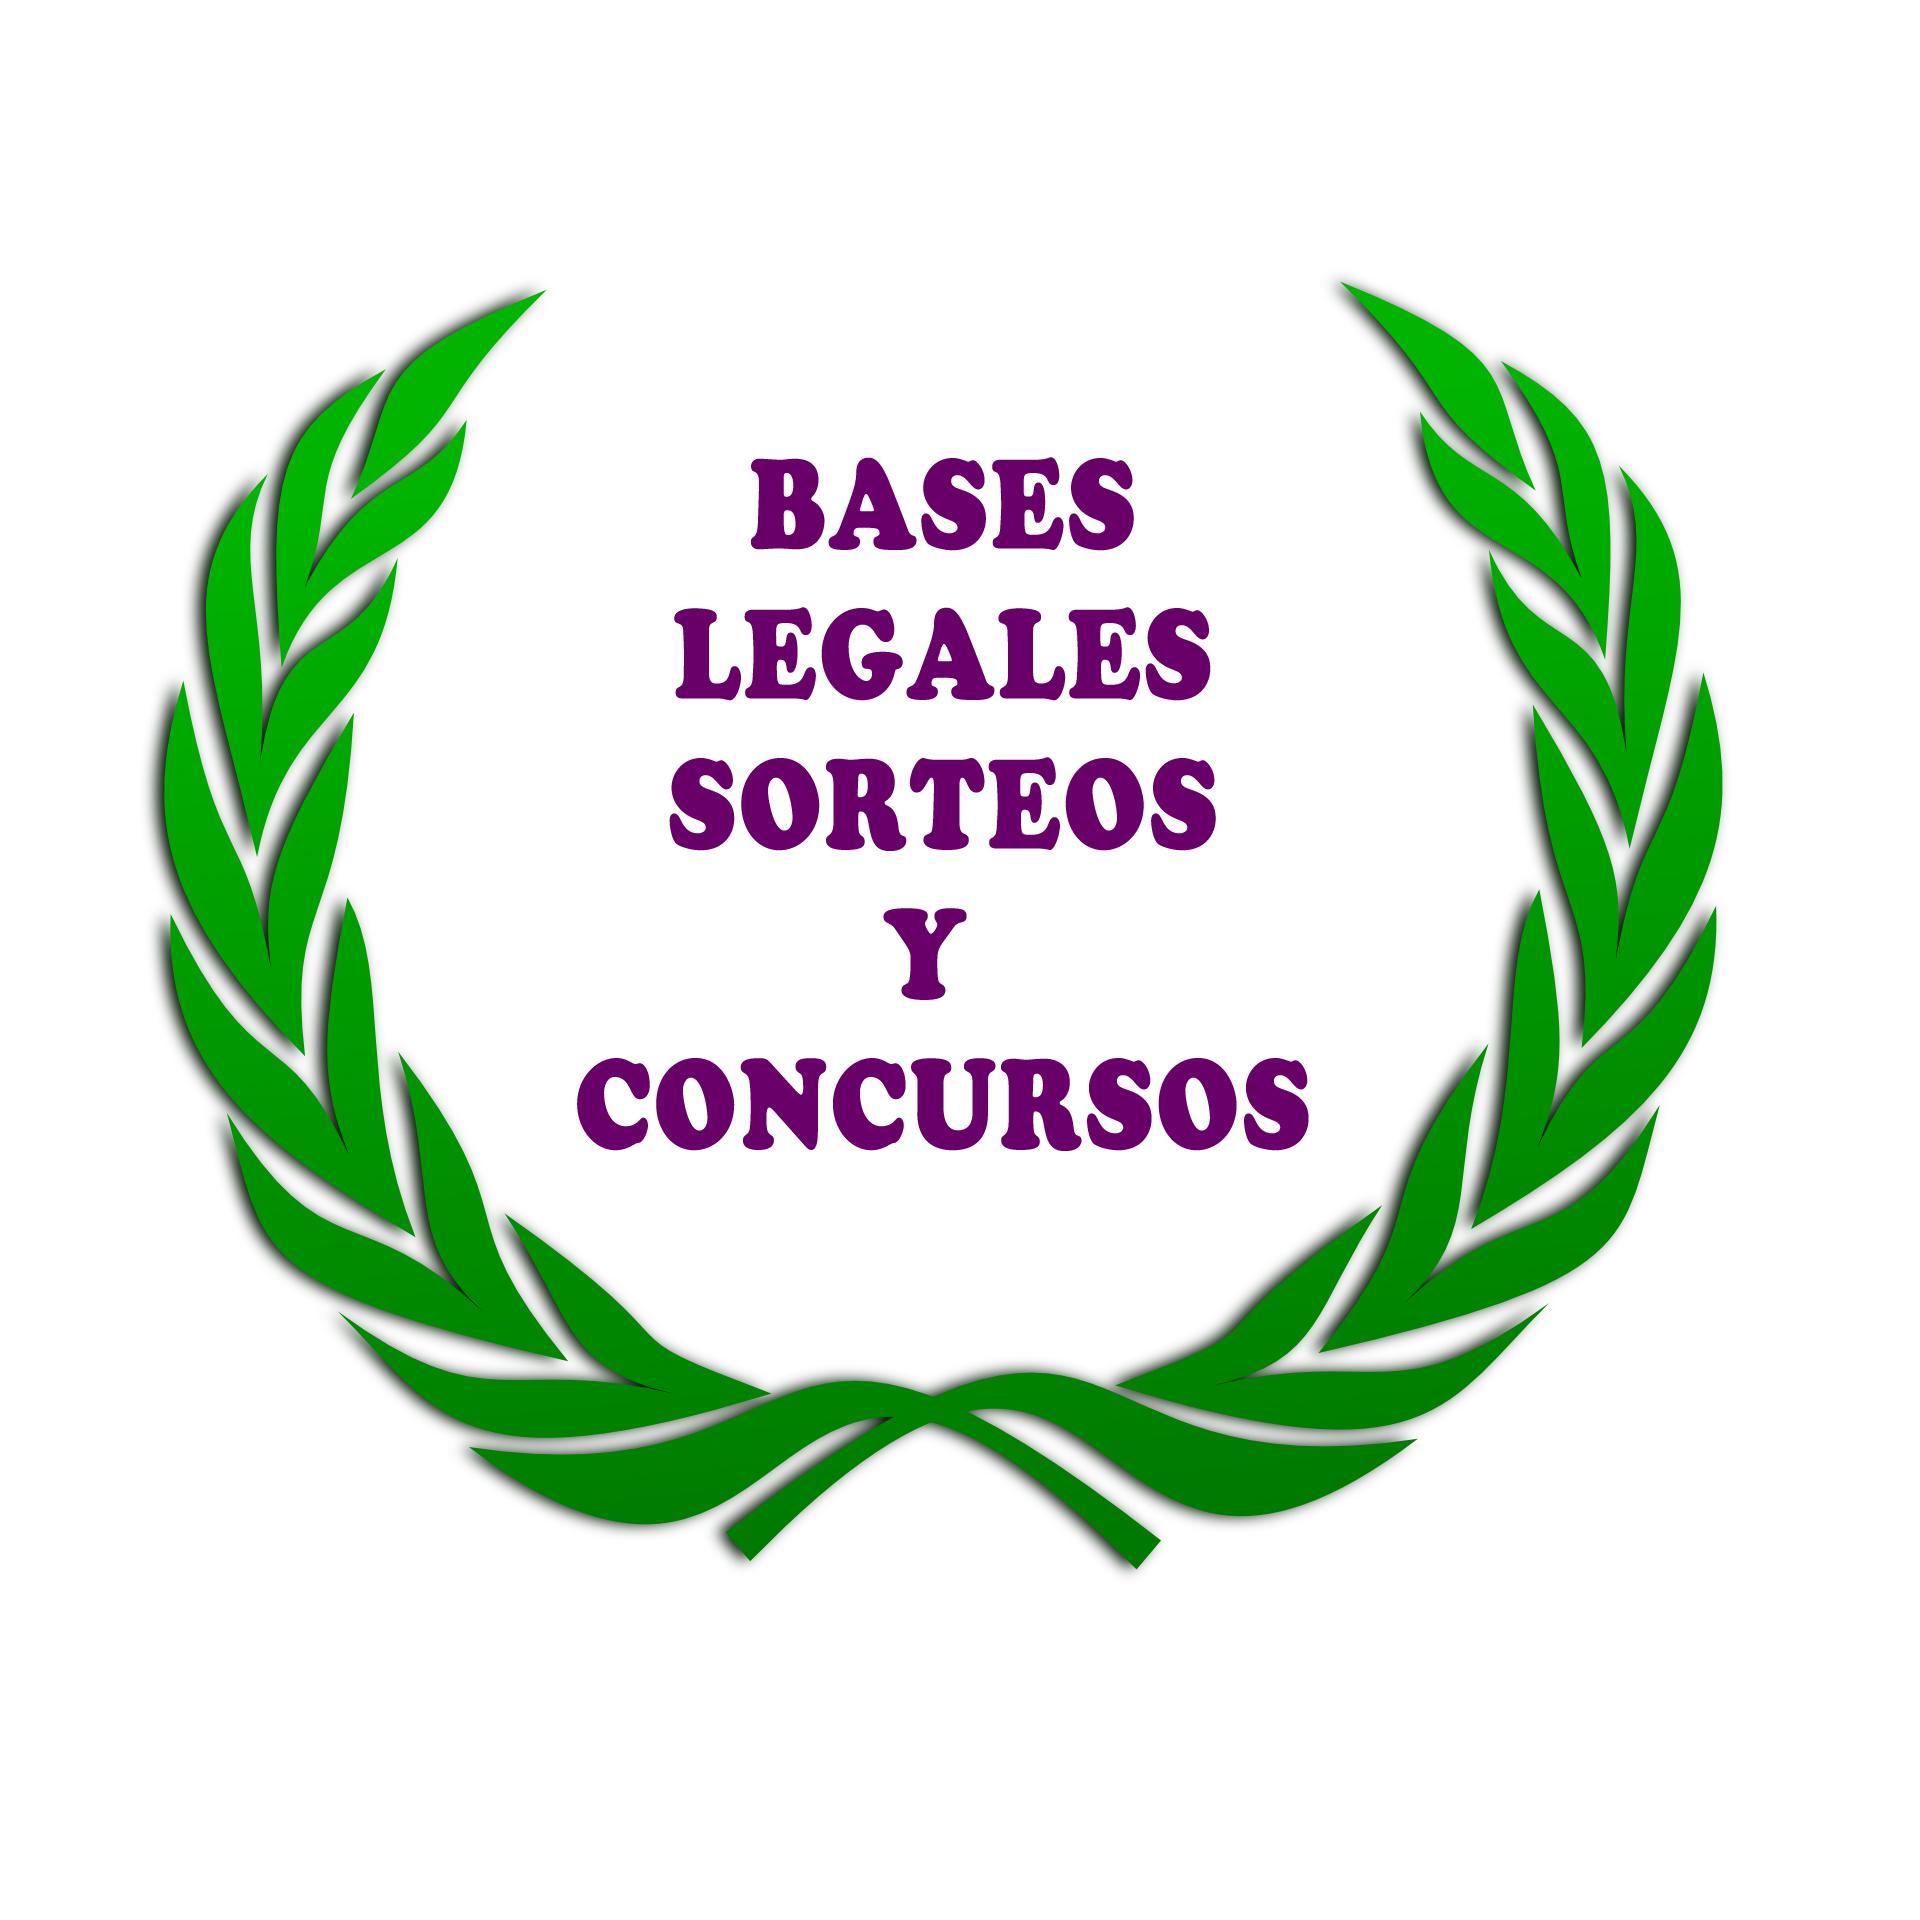 Bases legales sorteos y concursos